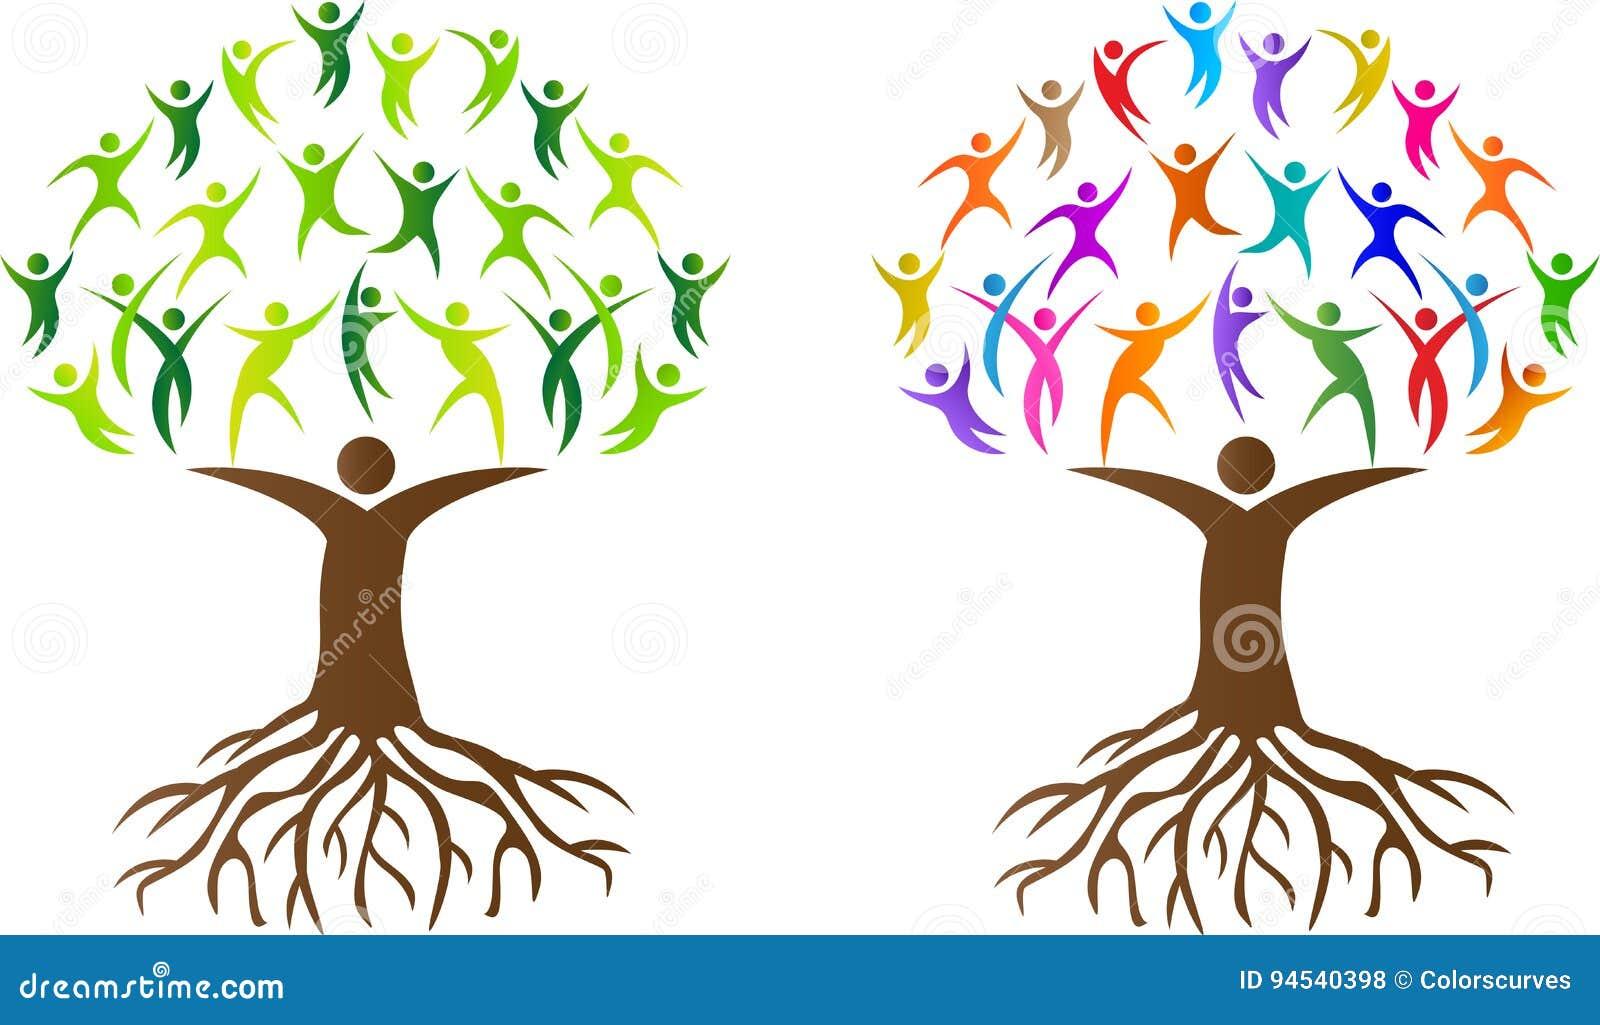 与根的抽象人树